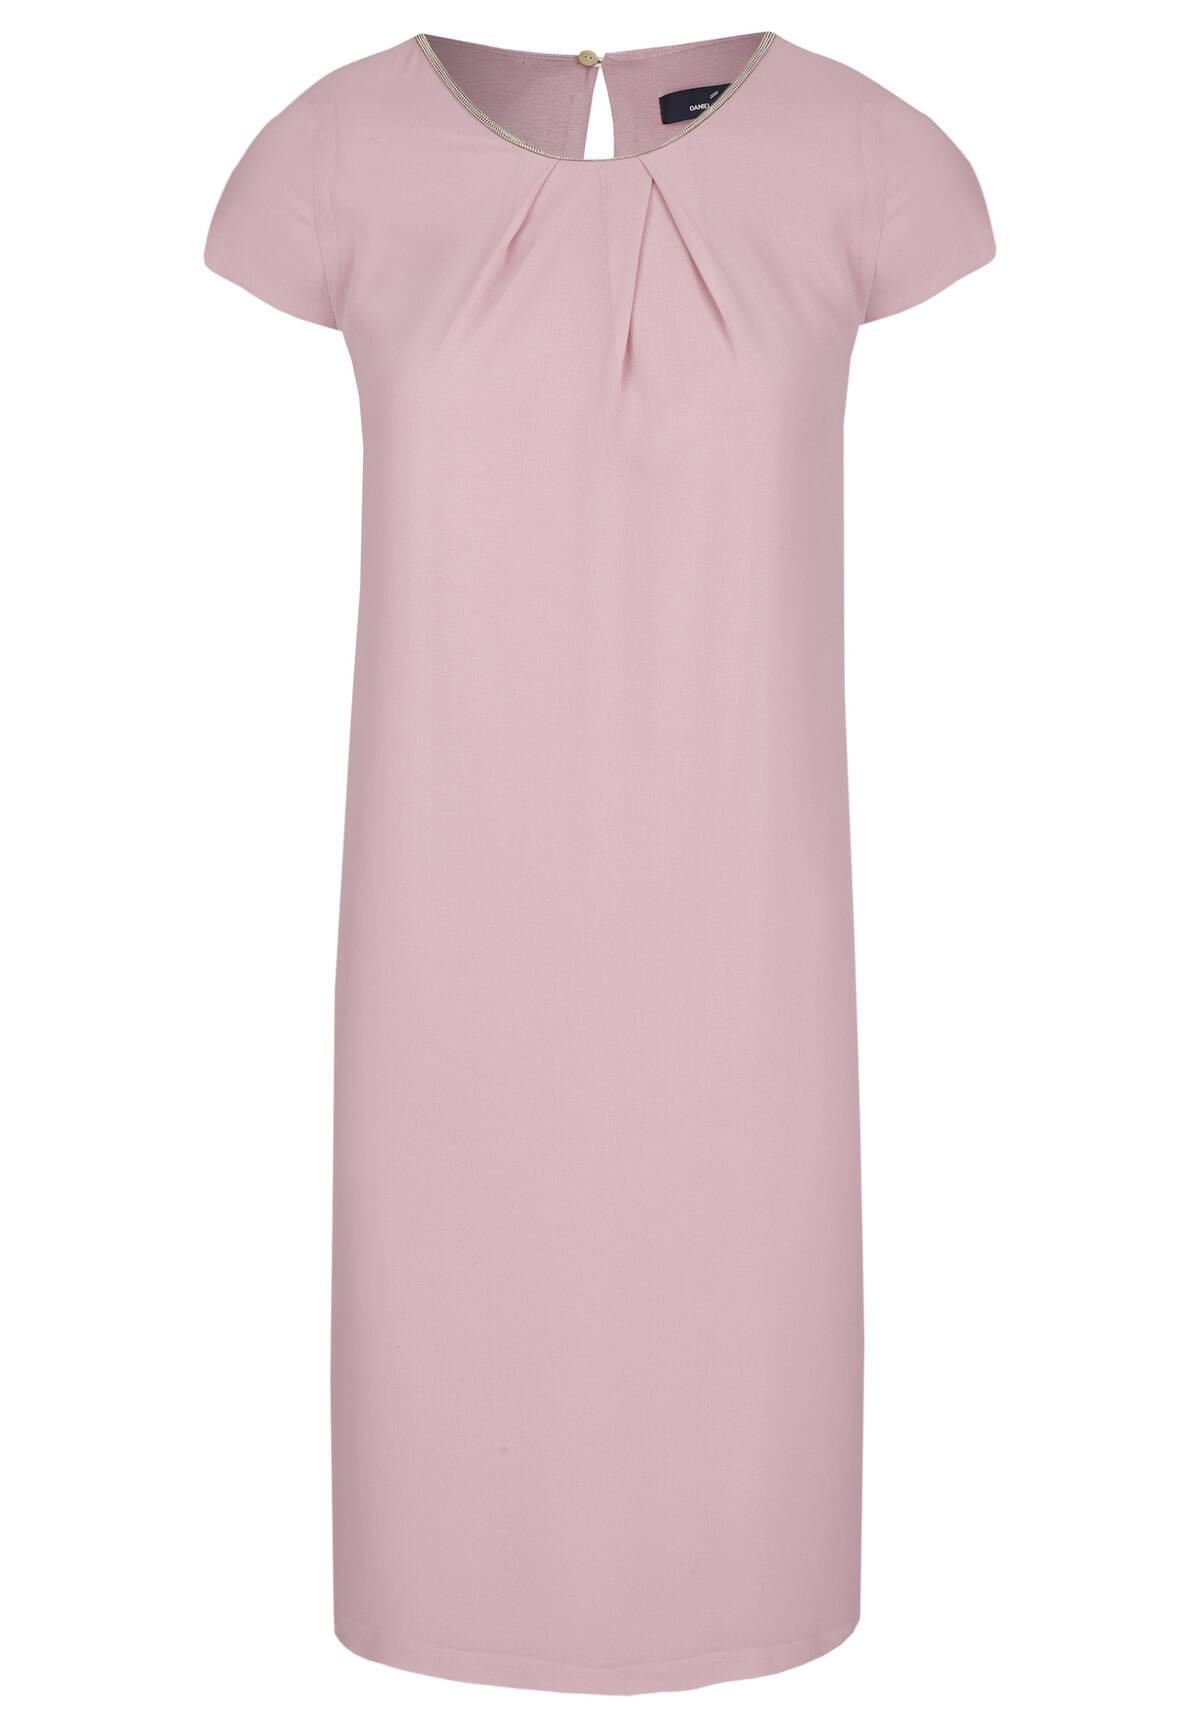 Sommerliches Kleid im festlichen Design / Chiffon Dress